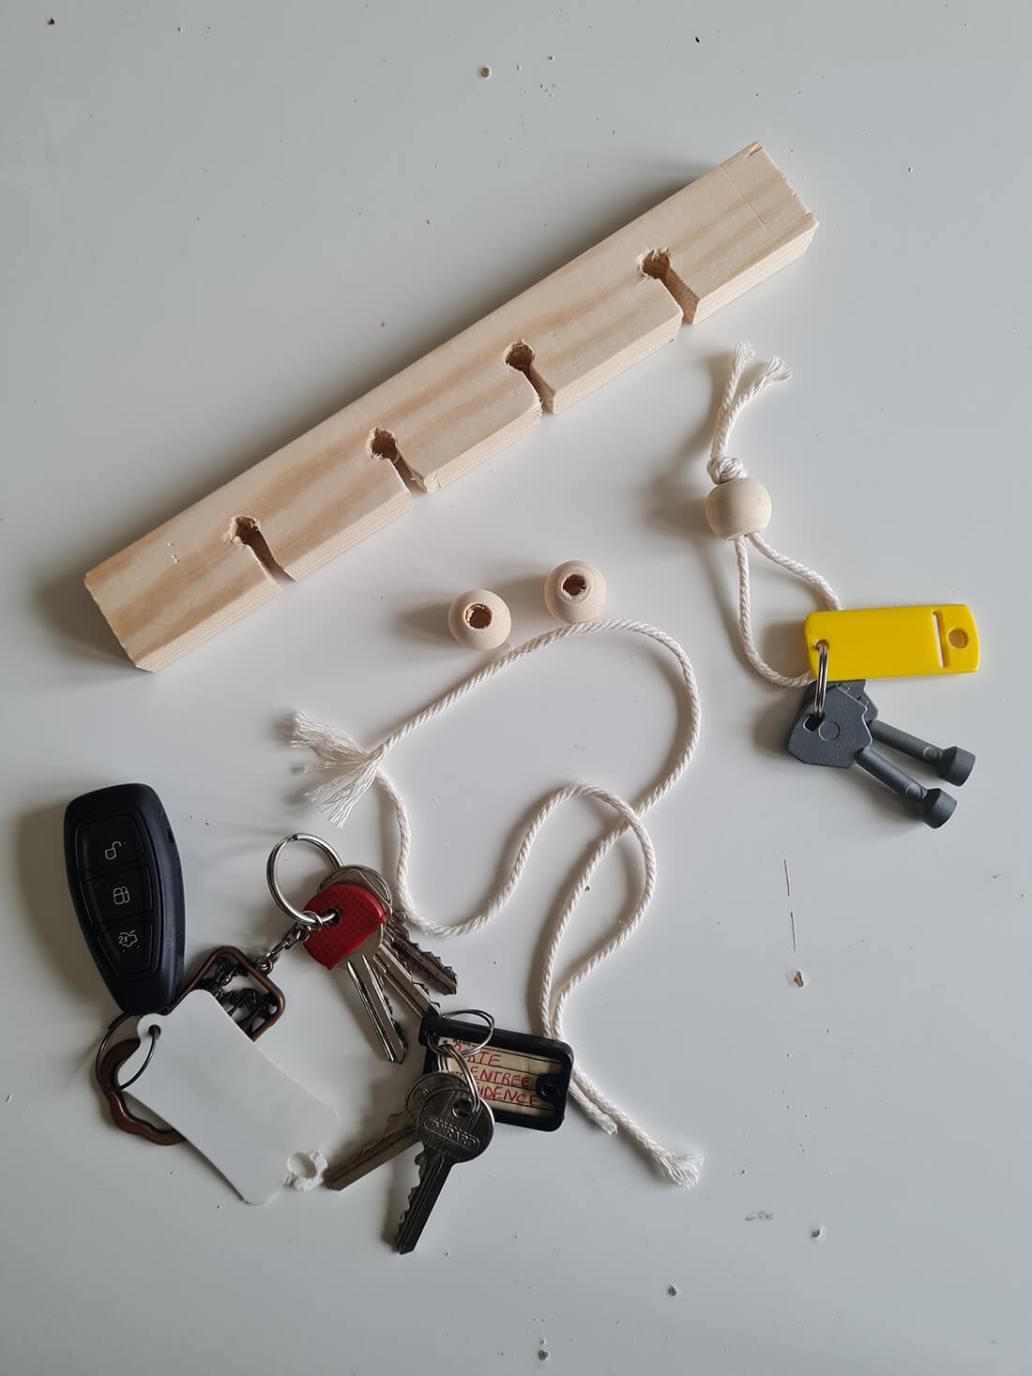 20210131 155509 - DIY pour l'entrée : fabriquer un support pour les clés au design minimaliste